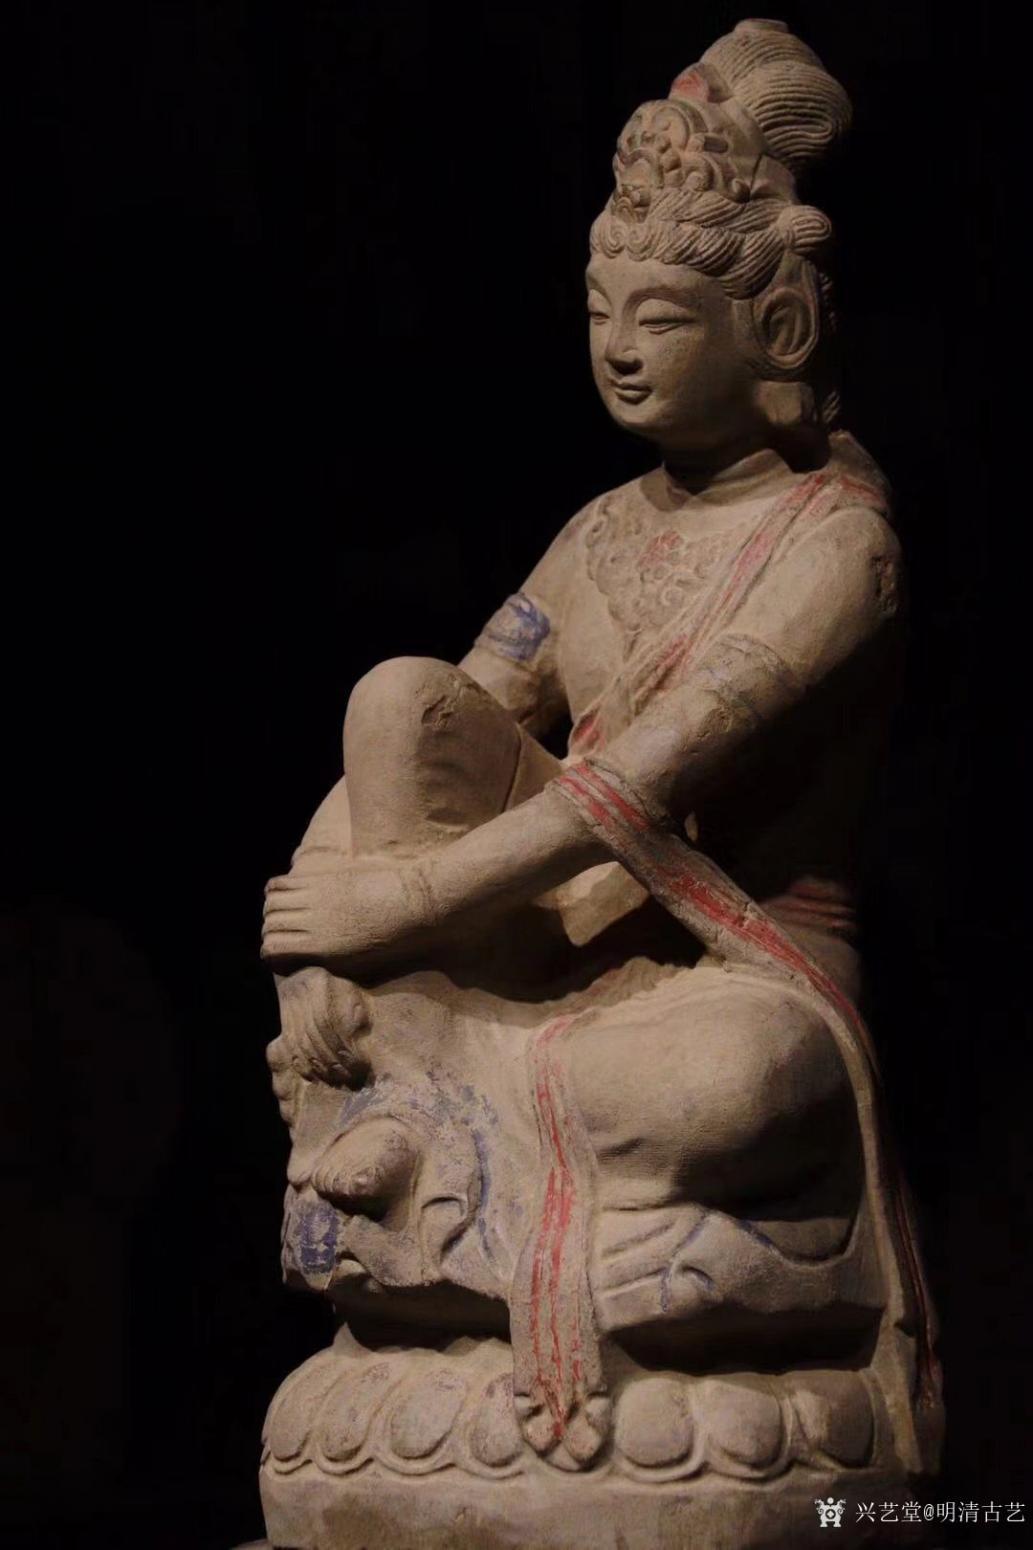 明清古艺雕刻作品《收藏品:观音石像》【图0】